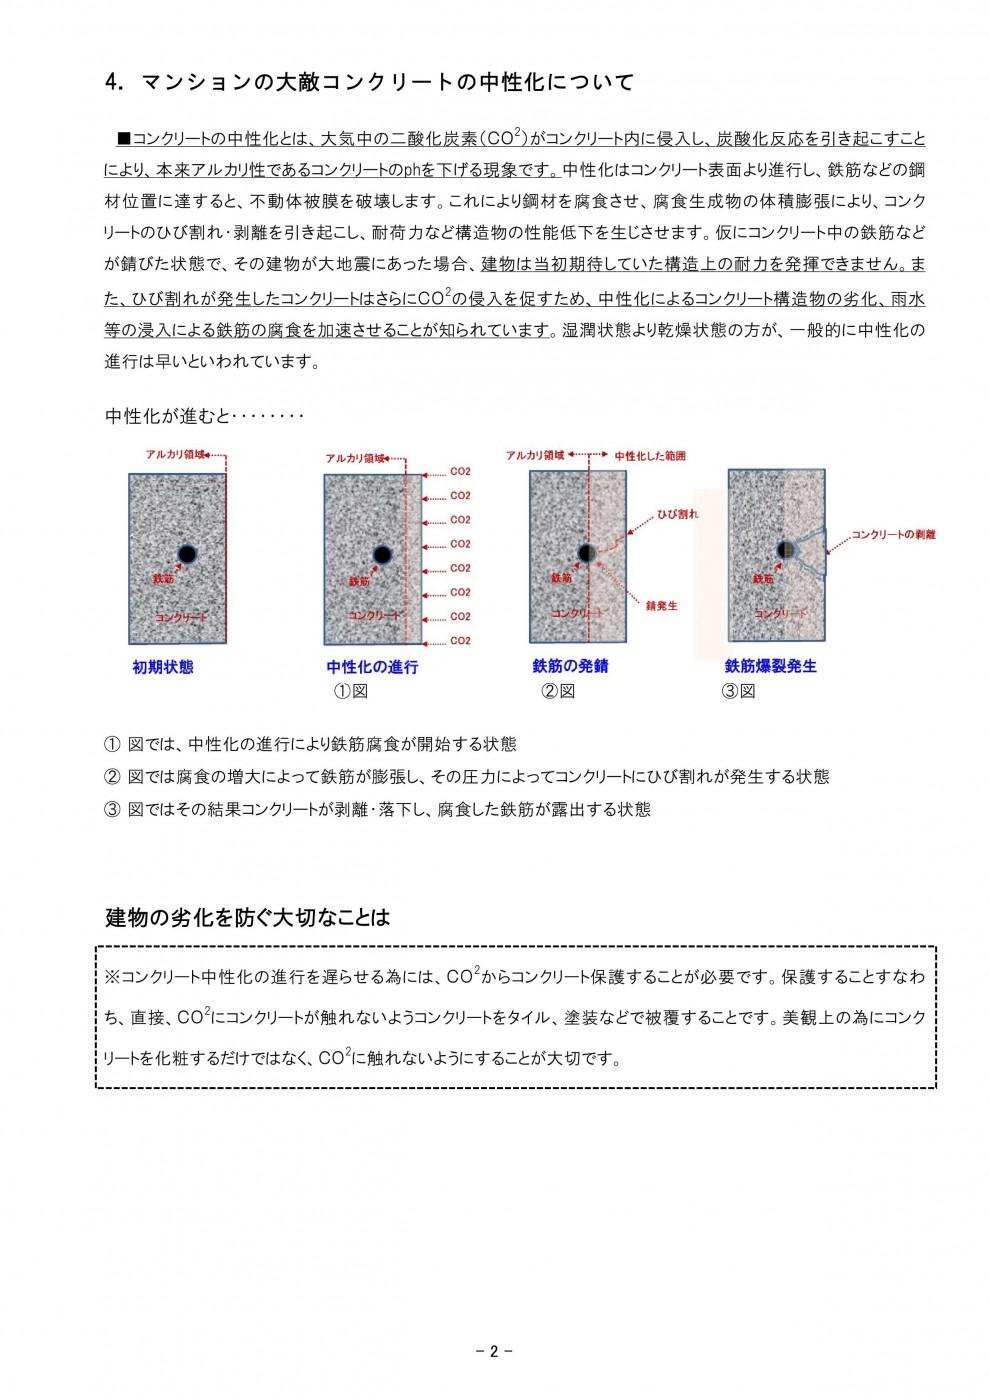 ブログ資料建物診断_2